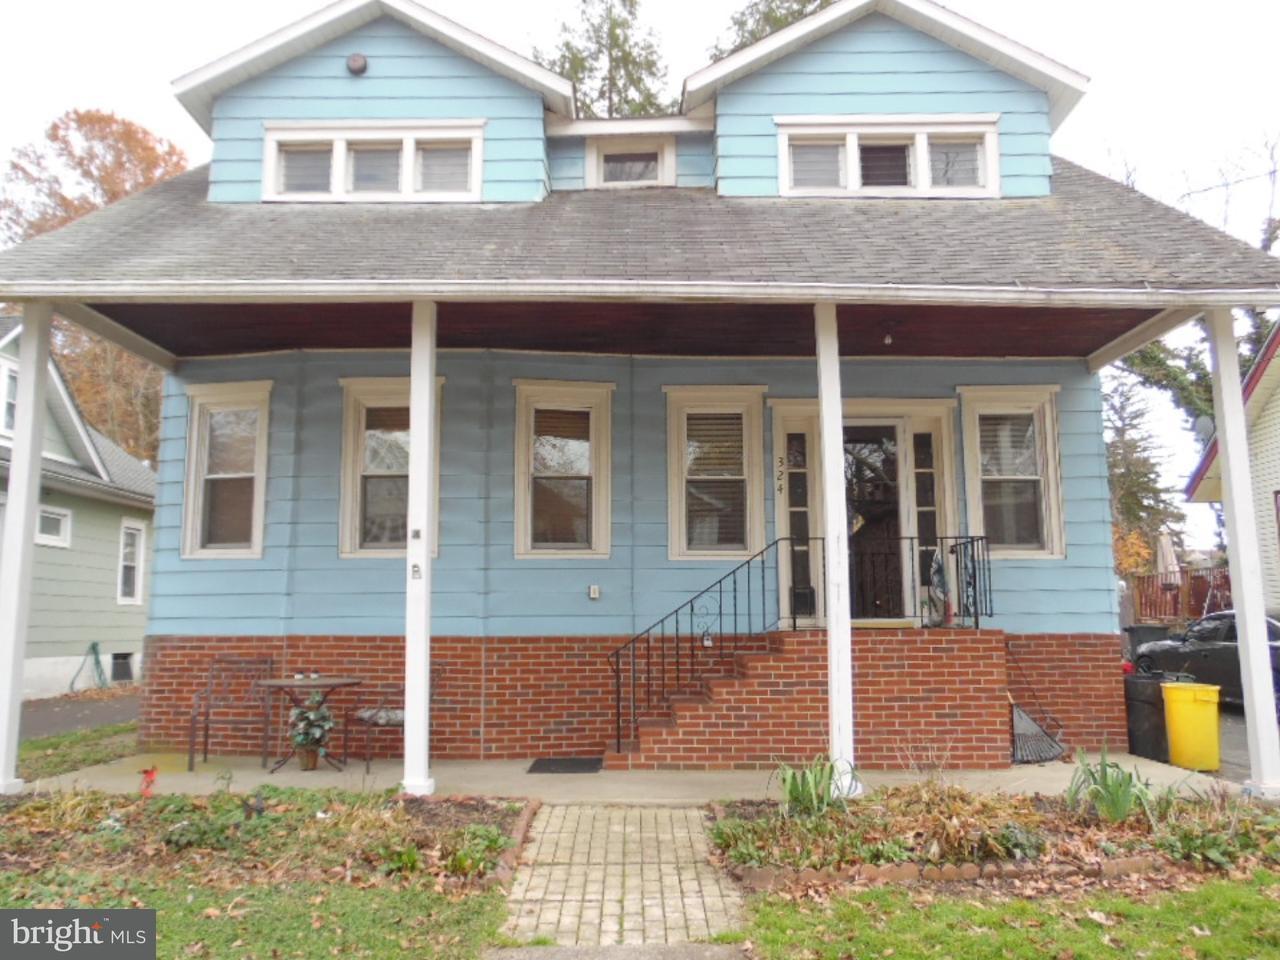 Частный односемейный дом для того Продажа на 324 W GRAISBURY Avenue Audubon, Нью-Джерси 08106 Соединенные Штаты